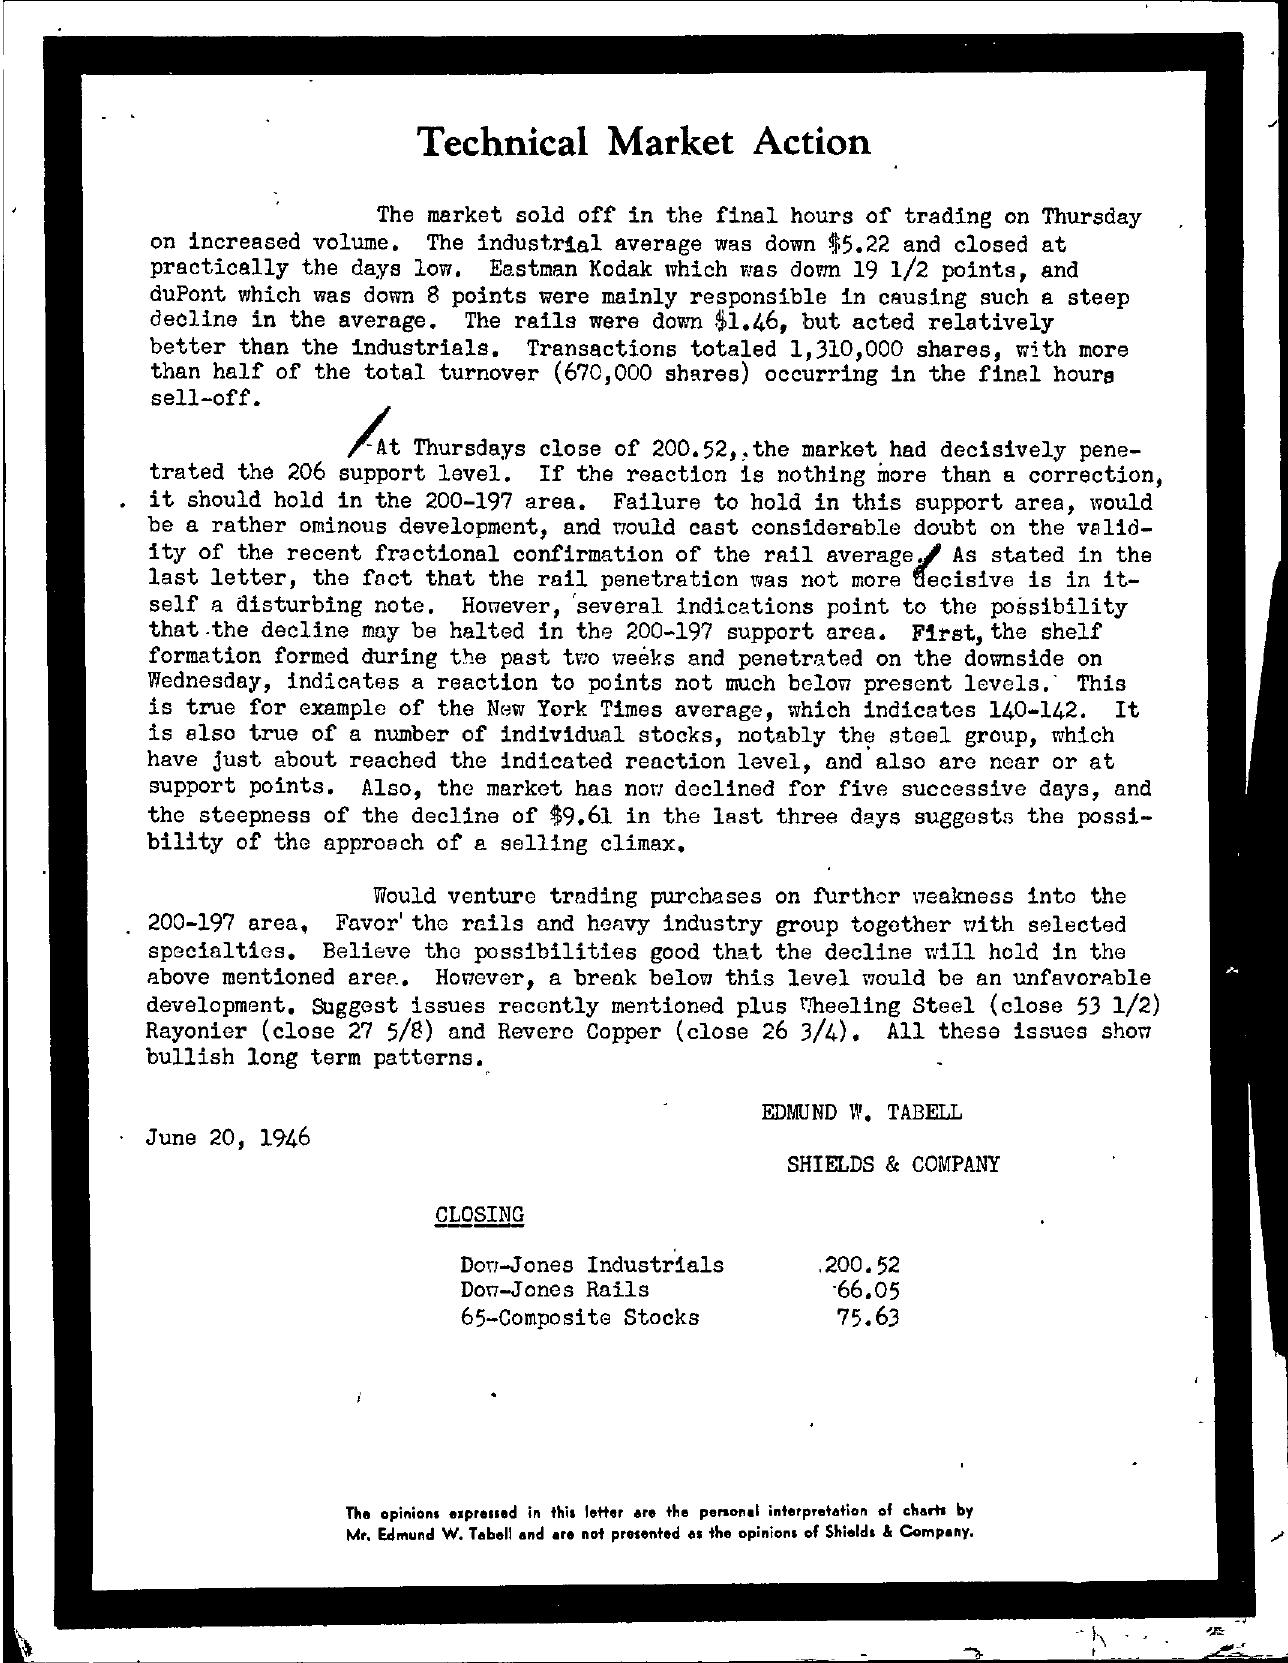 Tabell's Market Letter - June 20, 1946